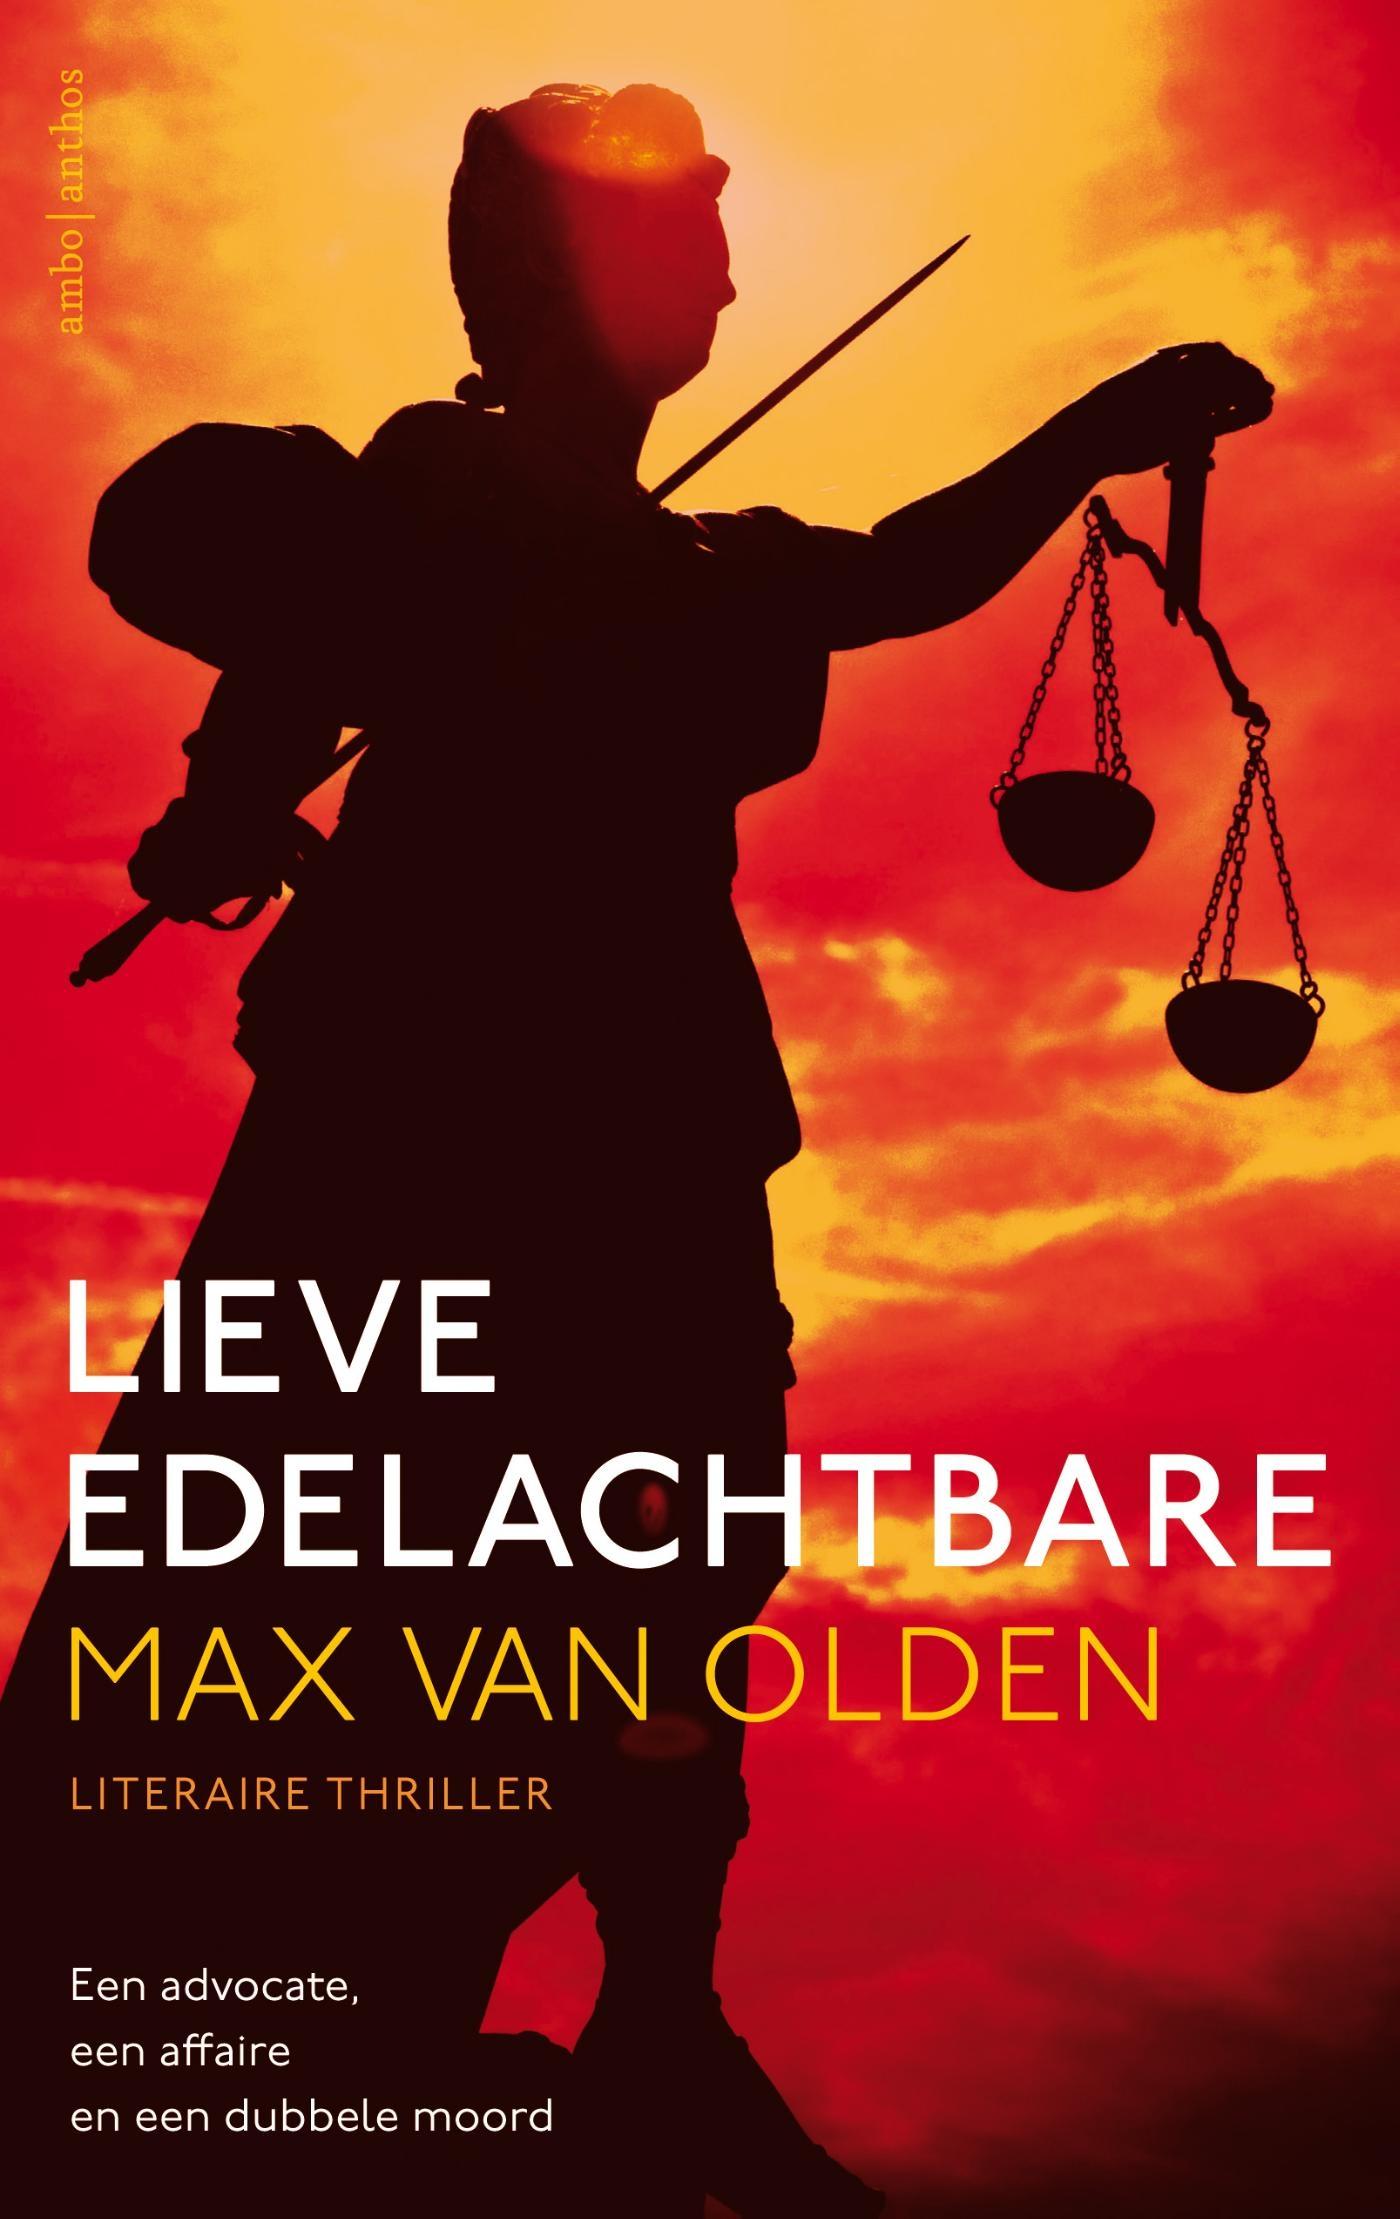 Lieve edelachtbare – Max van Olden